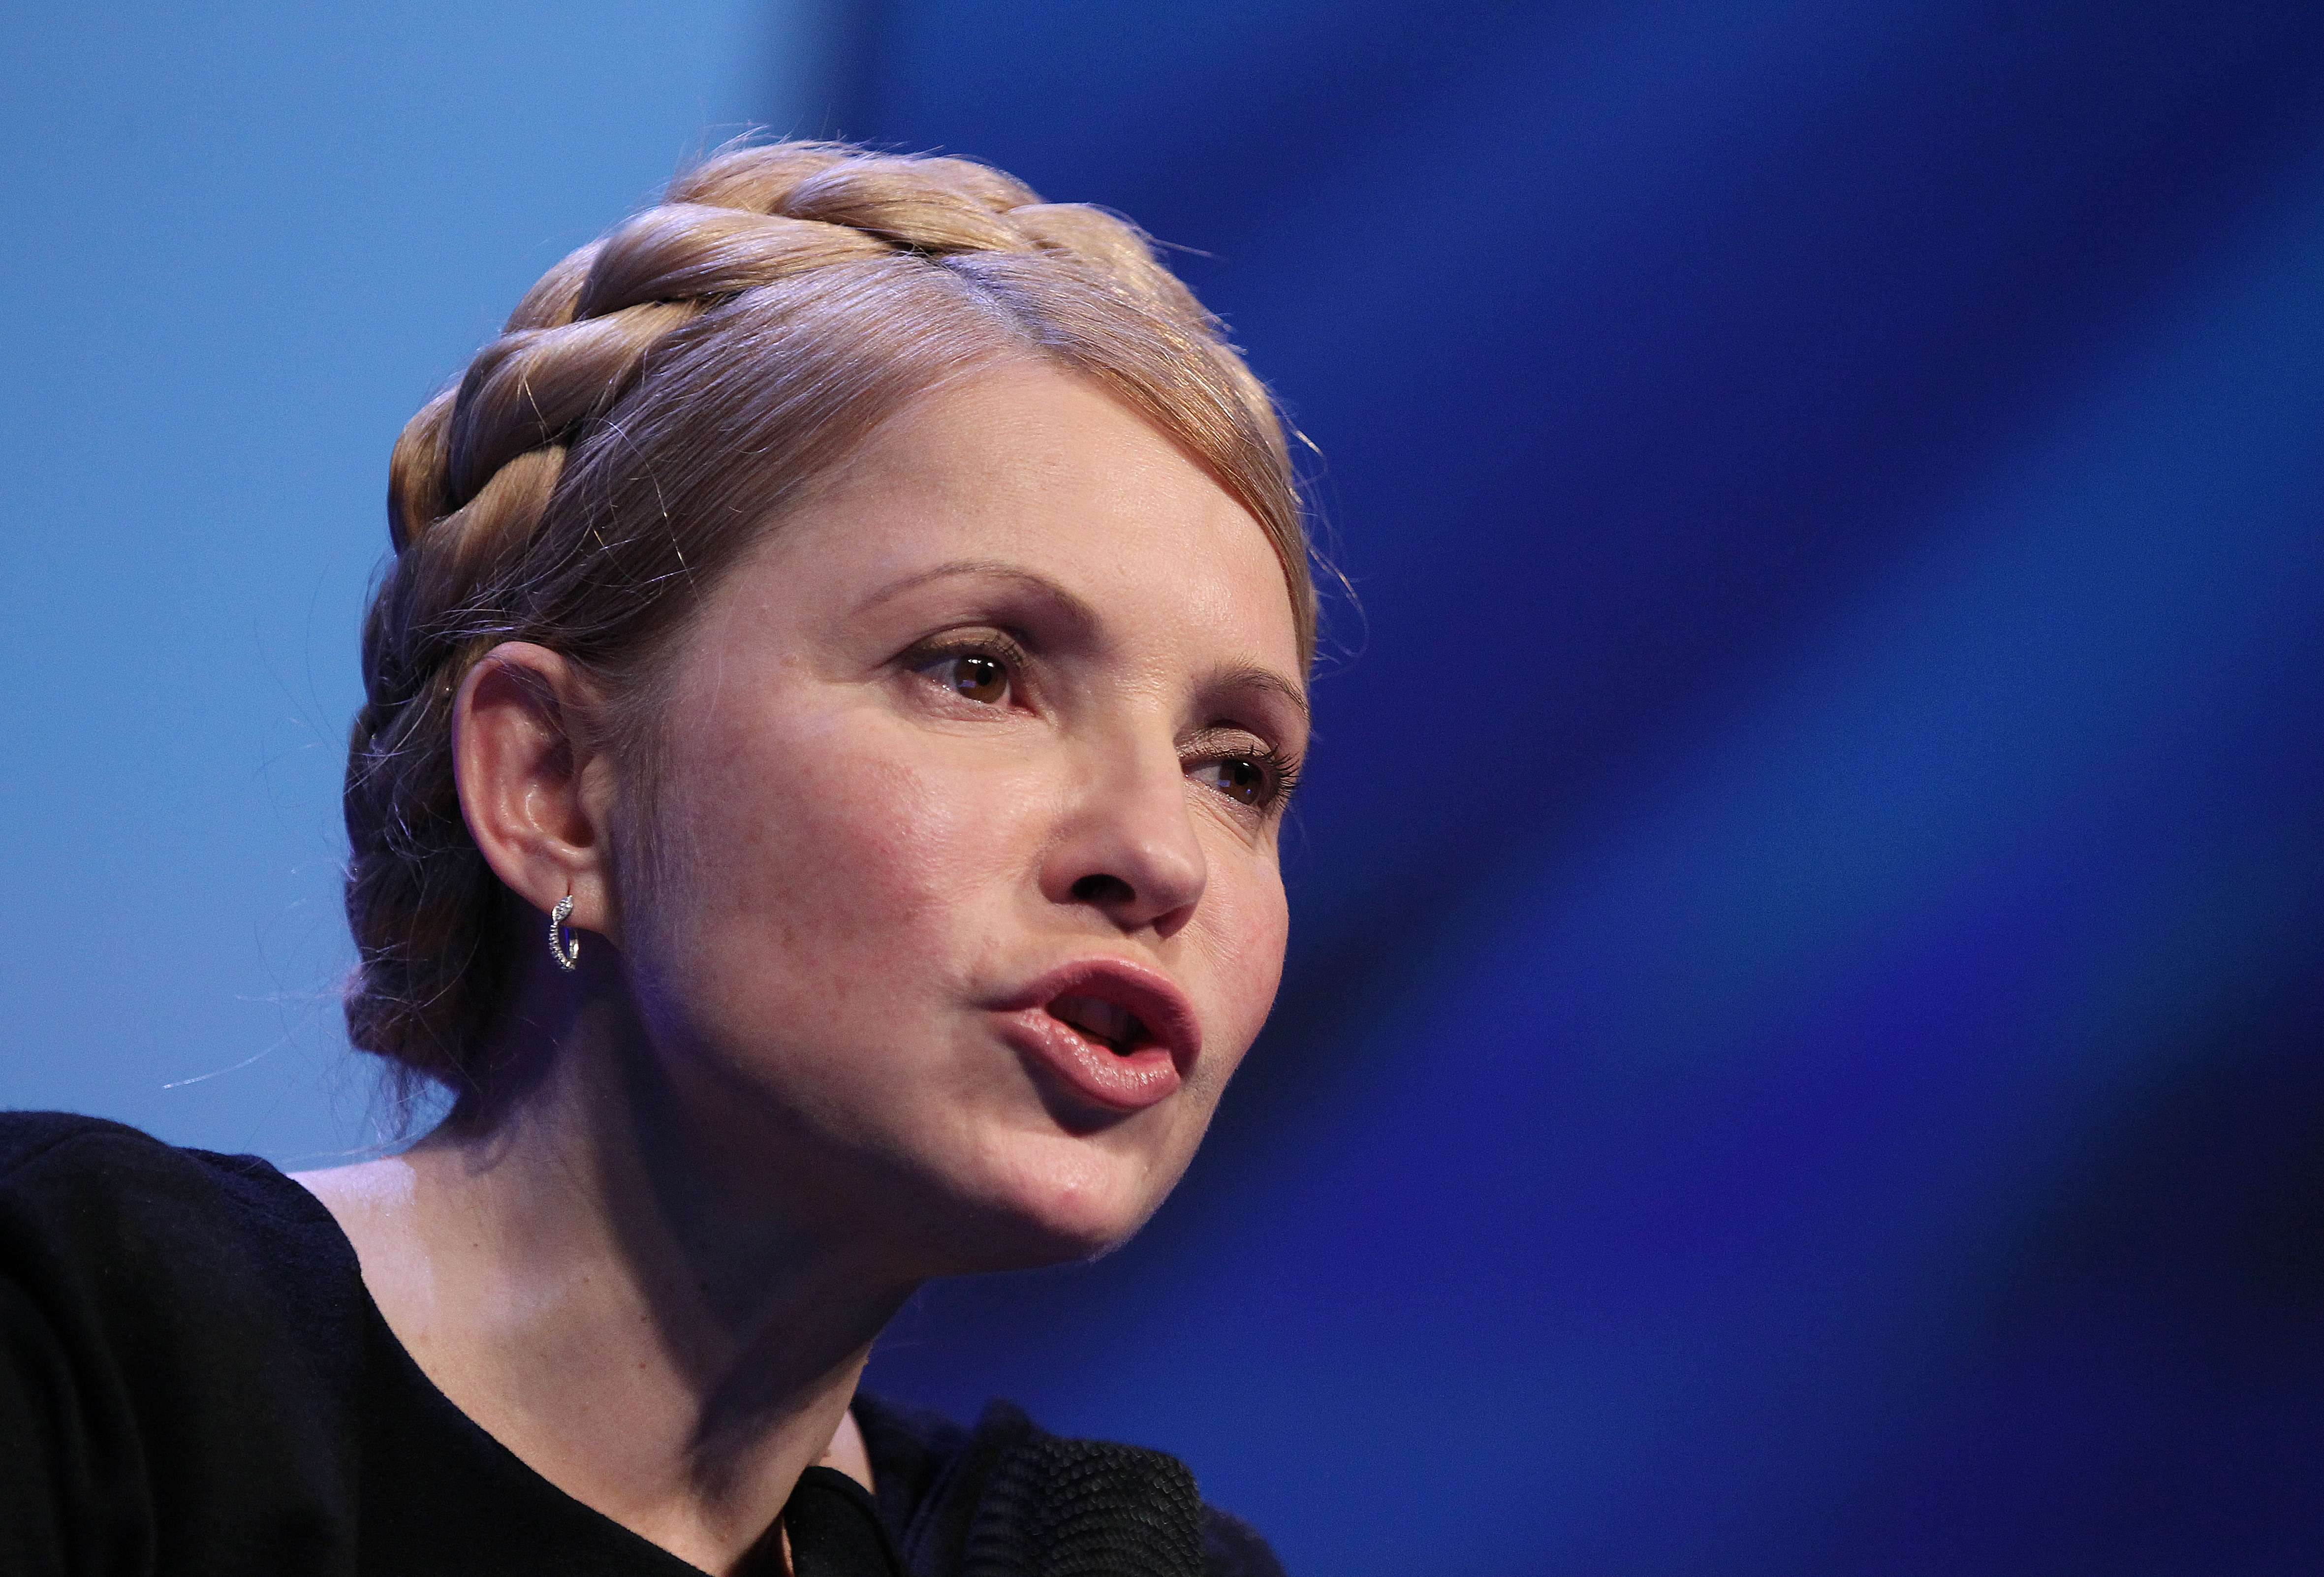 Iulia Timosenko: Putin este inamicul numarul unu al Ucrainei, ne-a luat pamantul cu armele